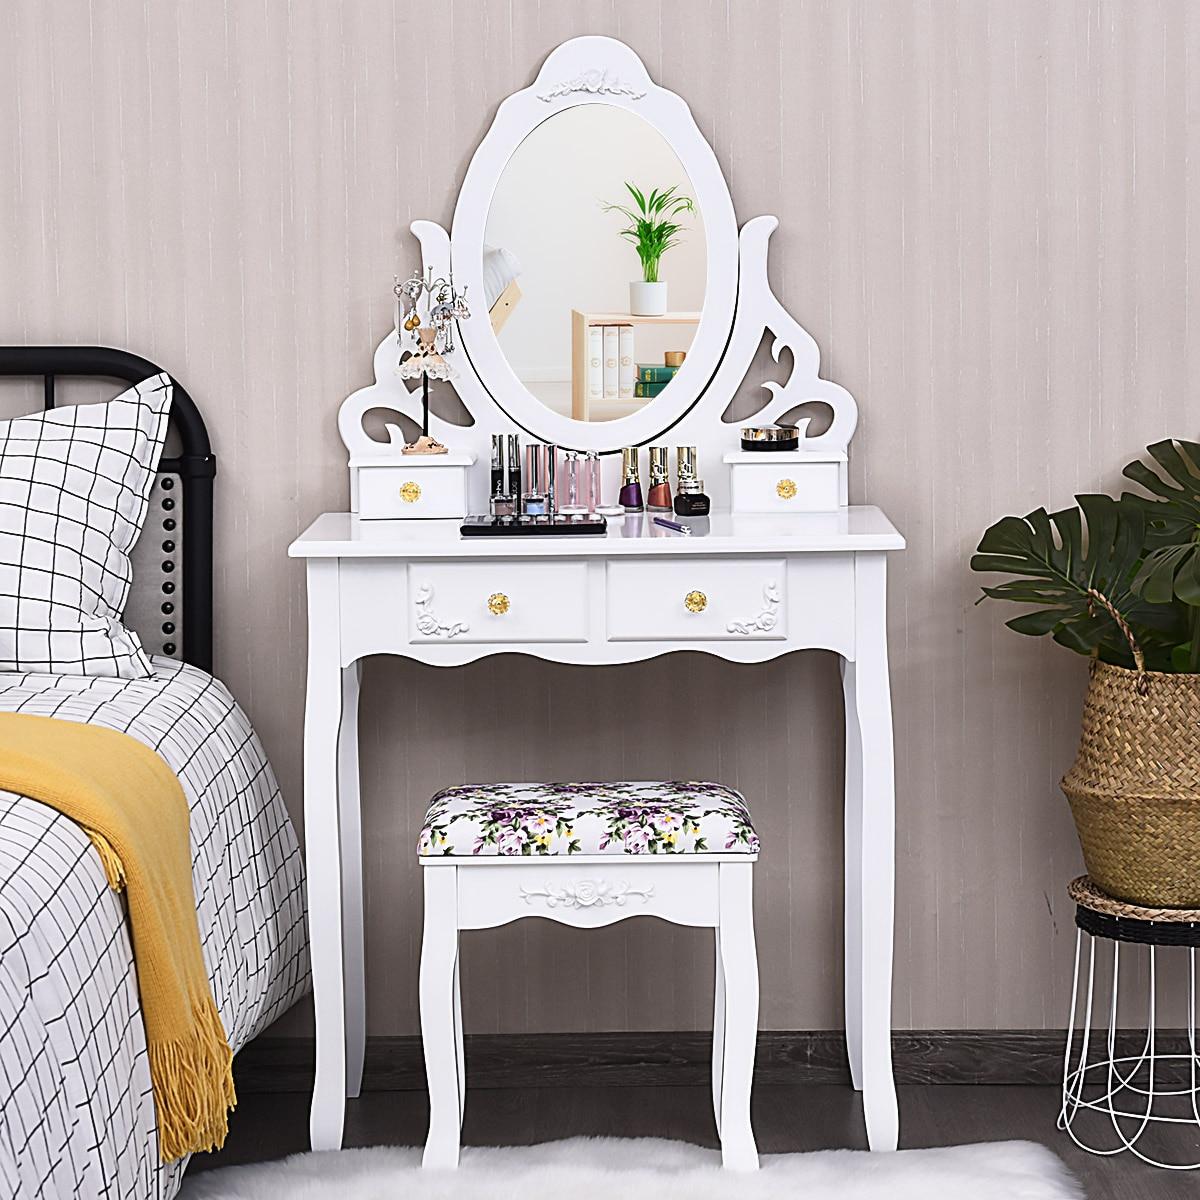 Costway Makeup Table Stool Wood Vanity Dressing Desk Mirror 4 Drawers